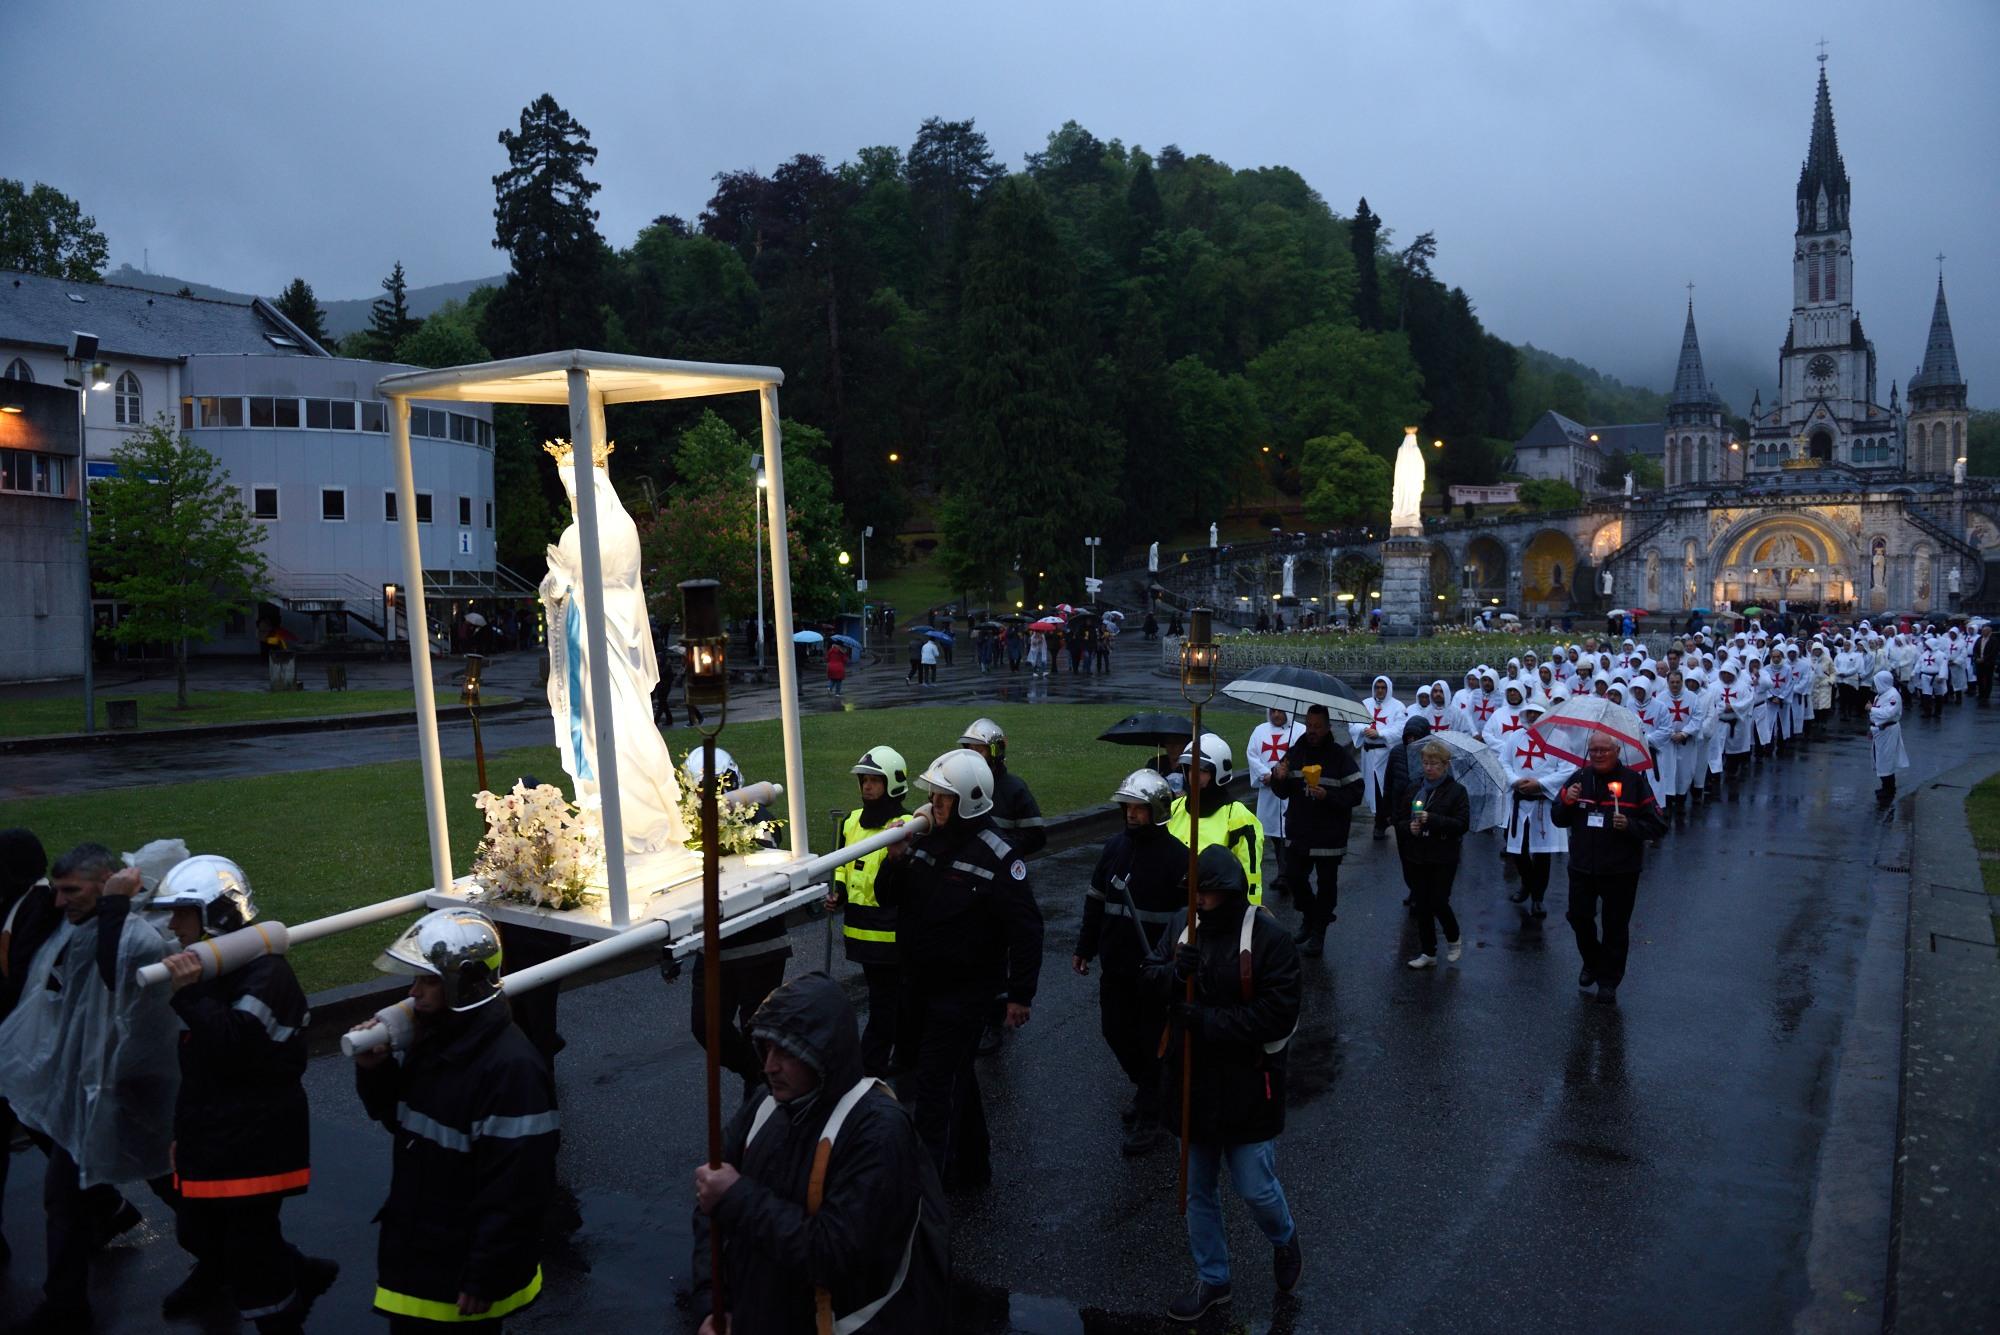 Retraite nationale Templiers Catholiques Lourdes 2019 – 3 – Procession mariale aux flambeaux en Lourdes